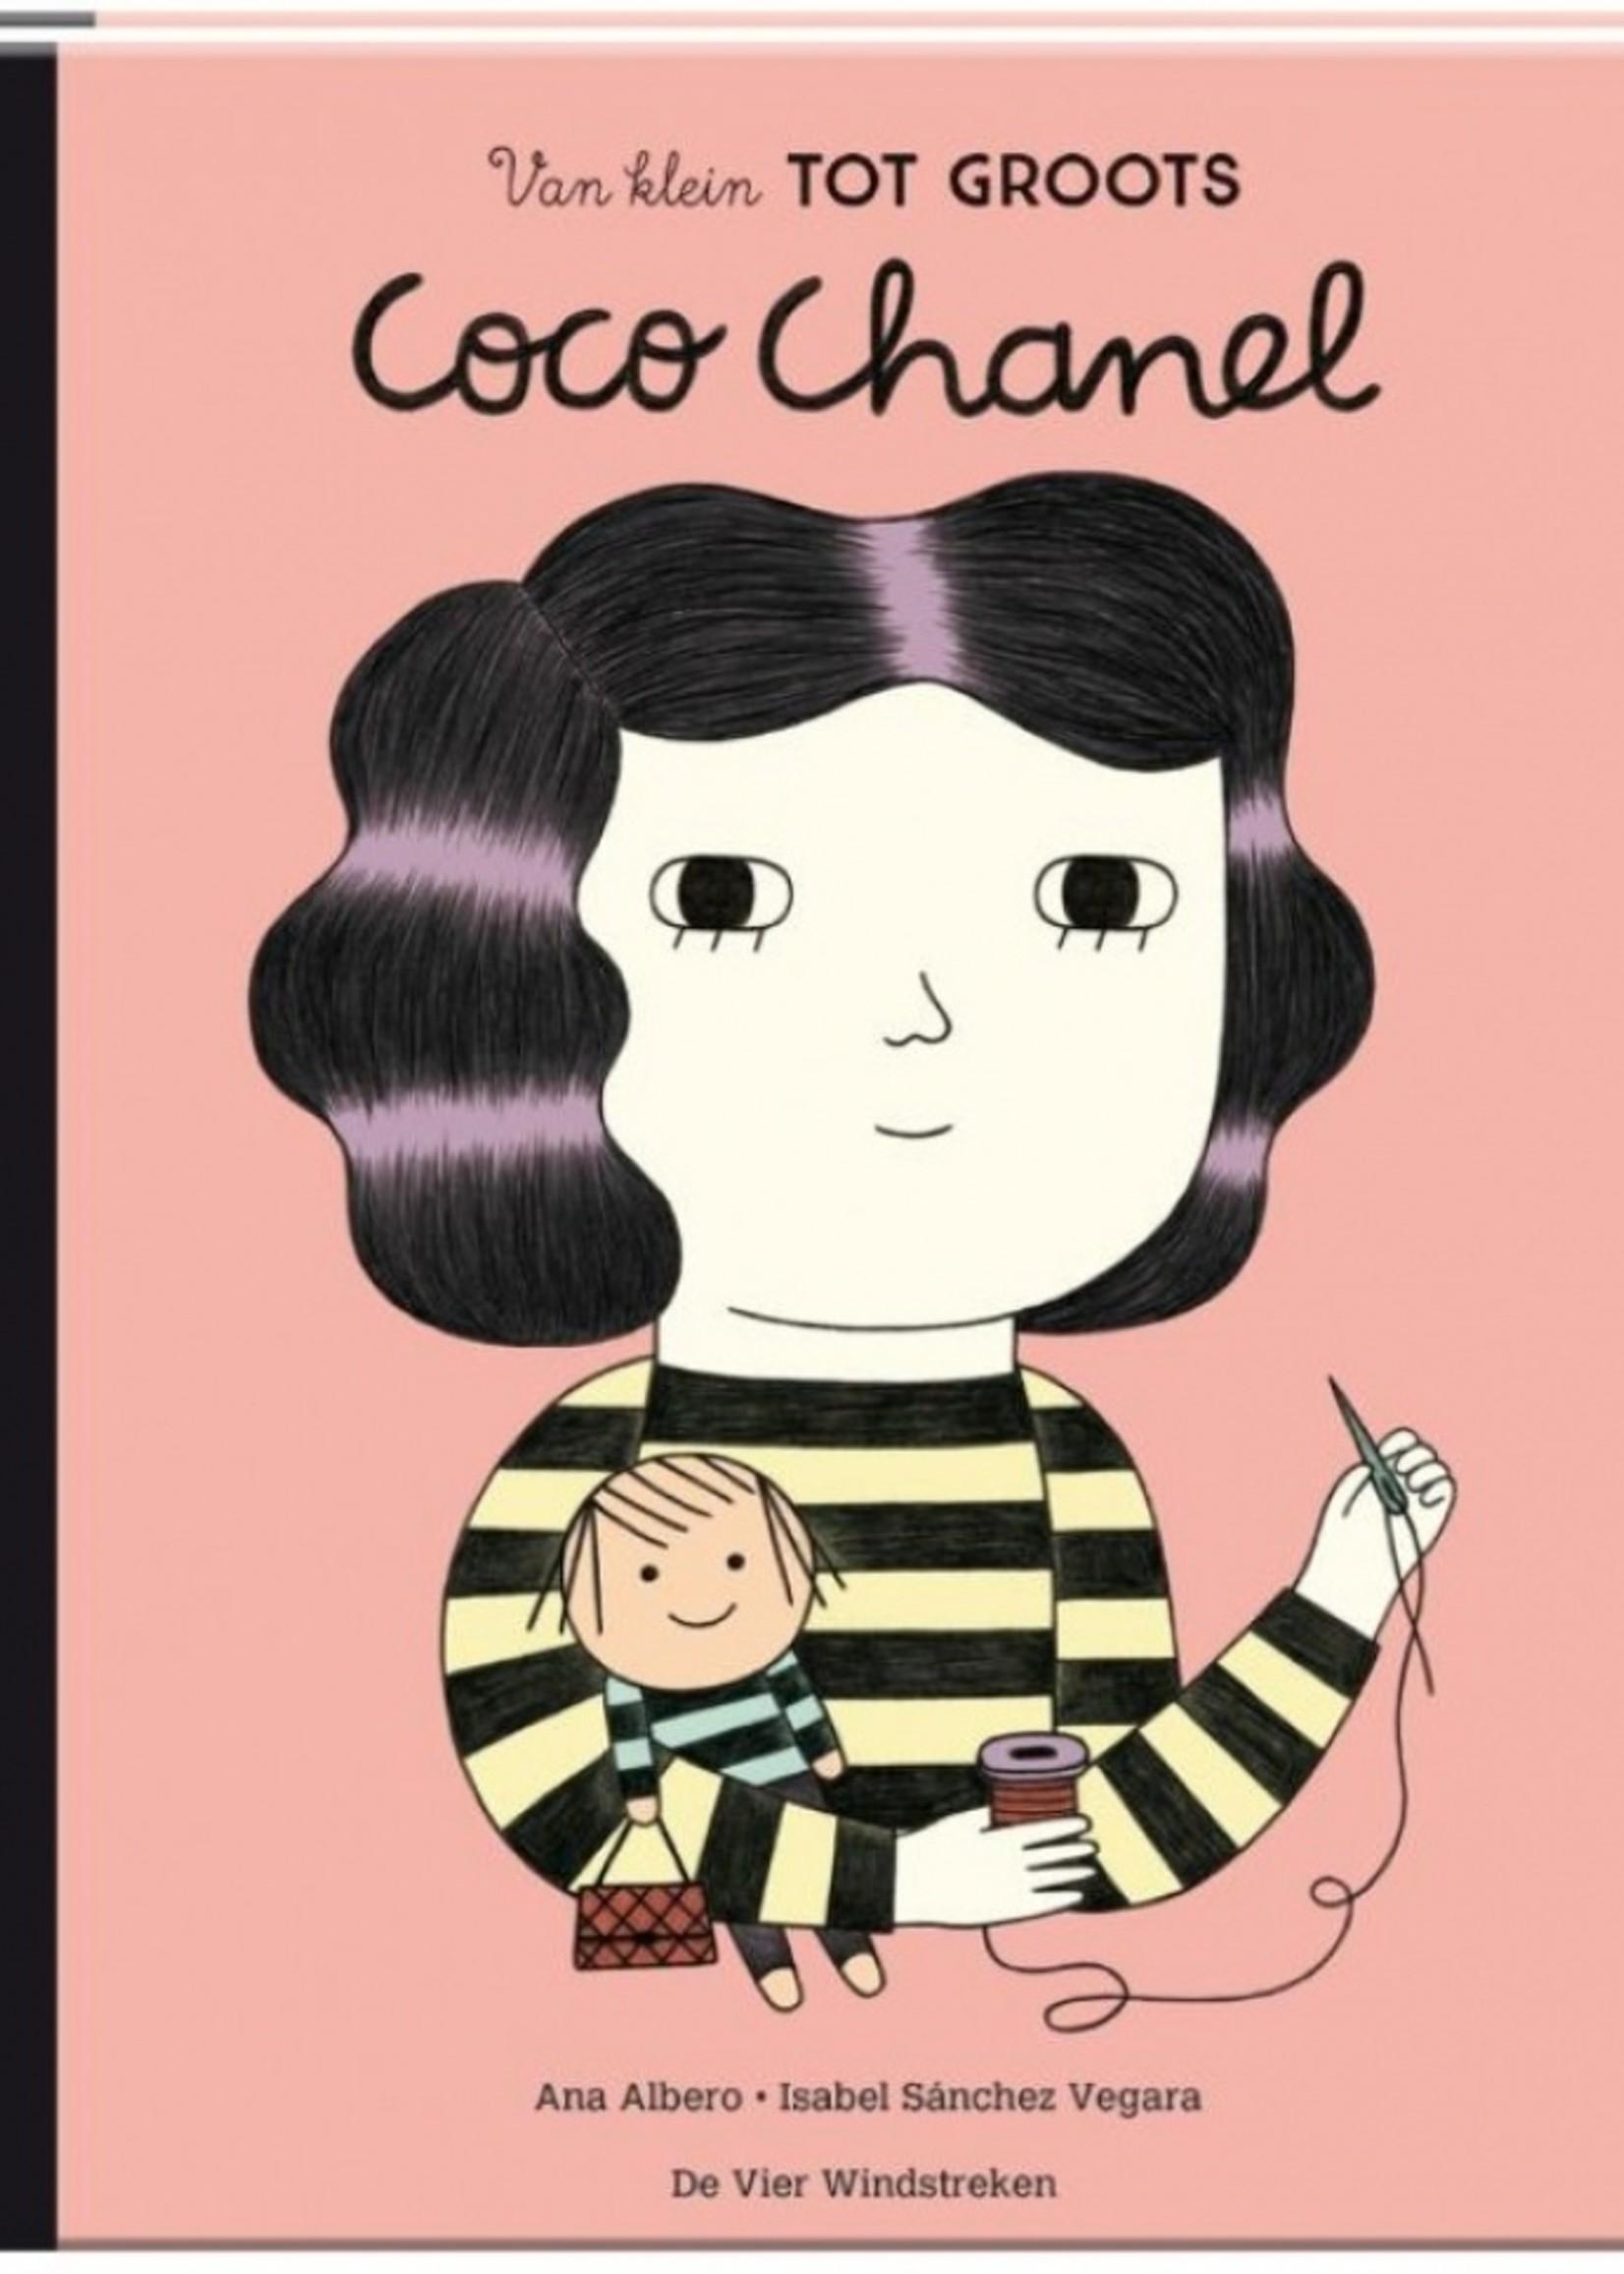 Boek - Van klein tot groots - Coco Chanel